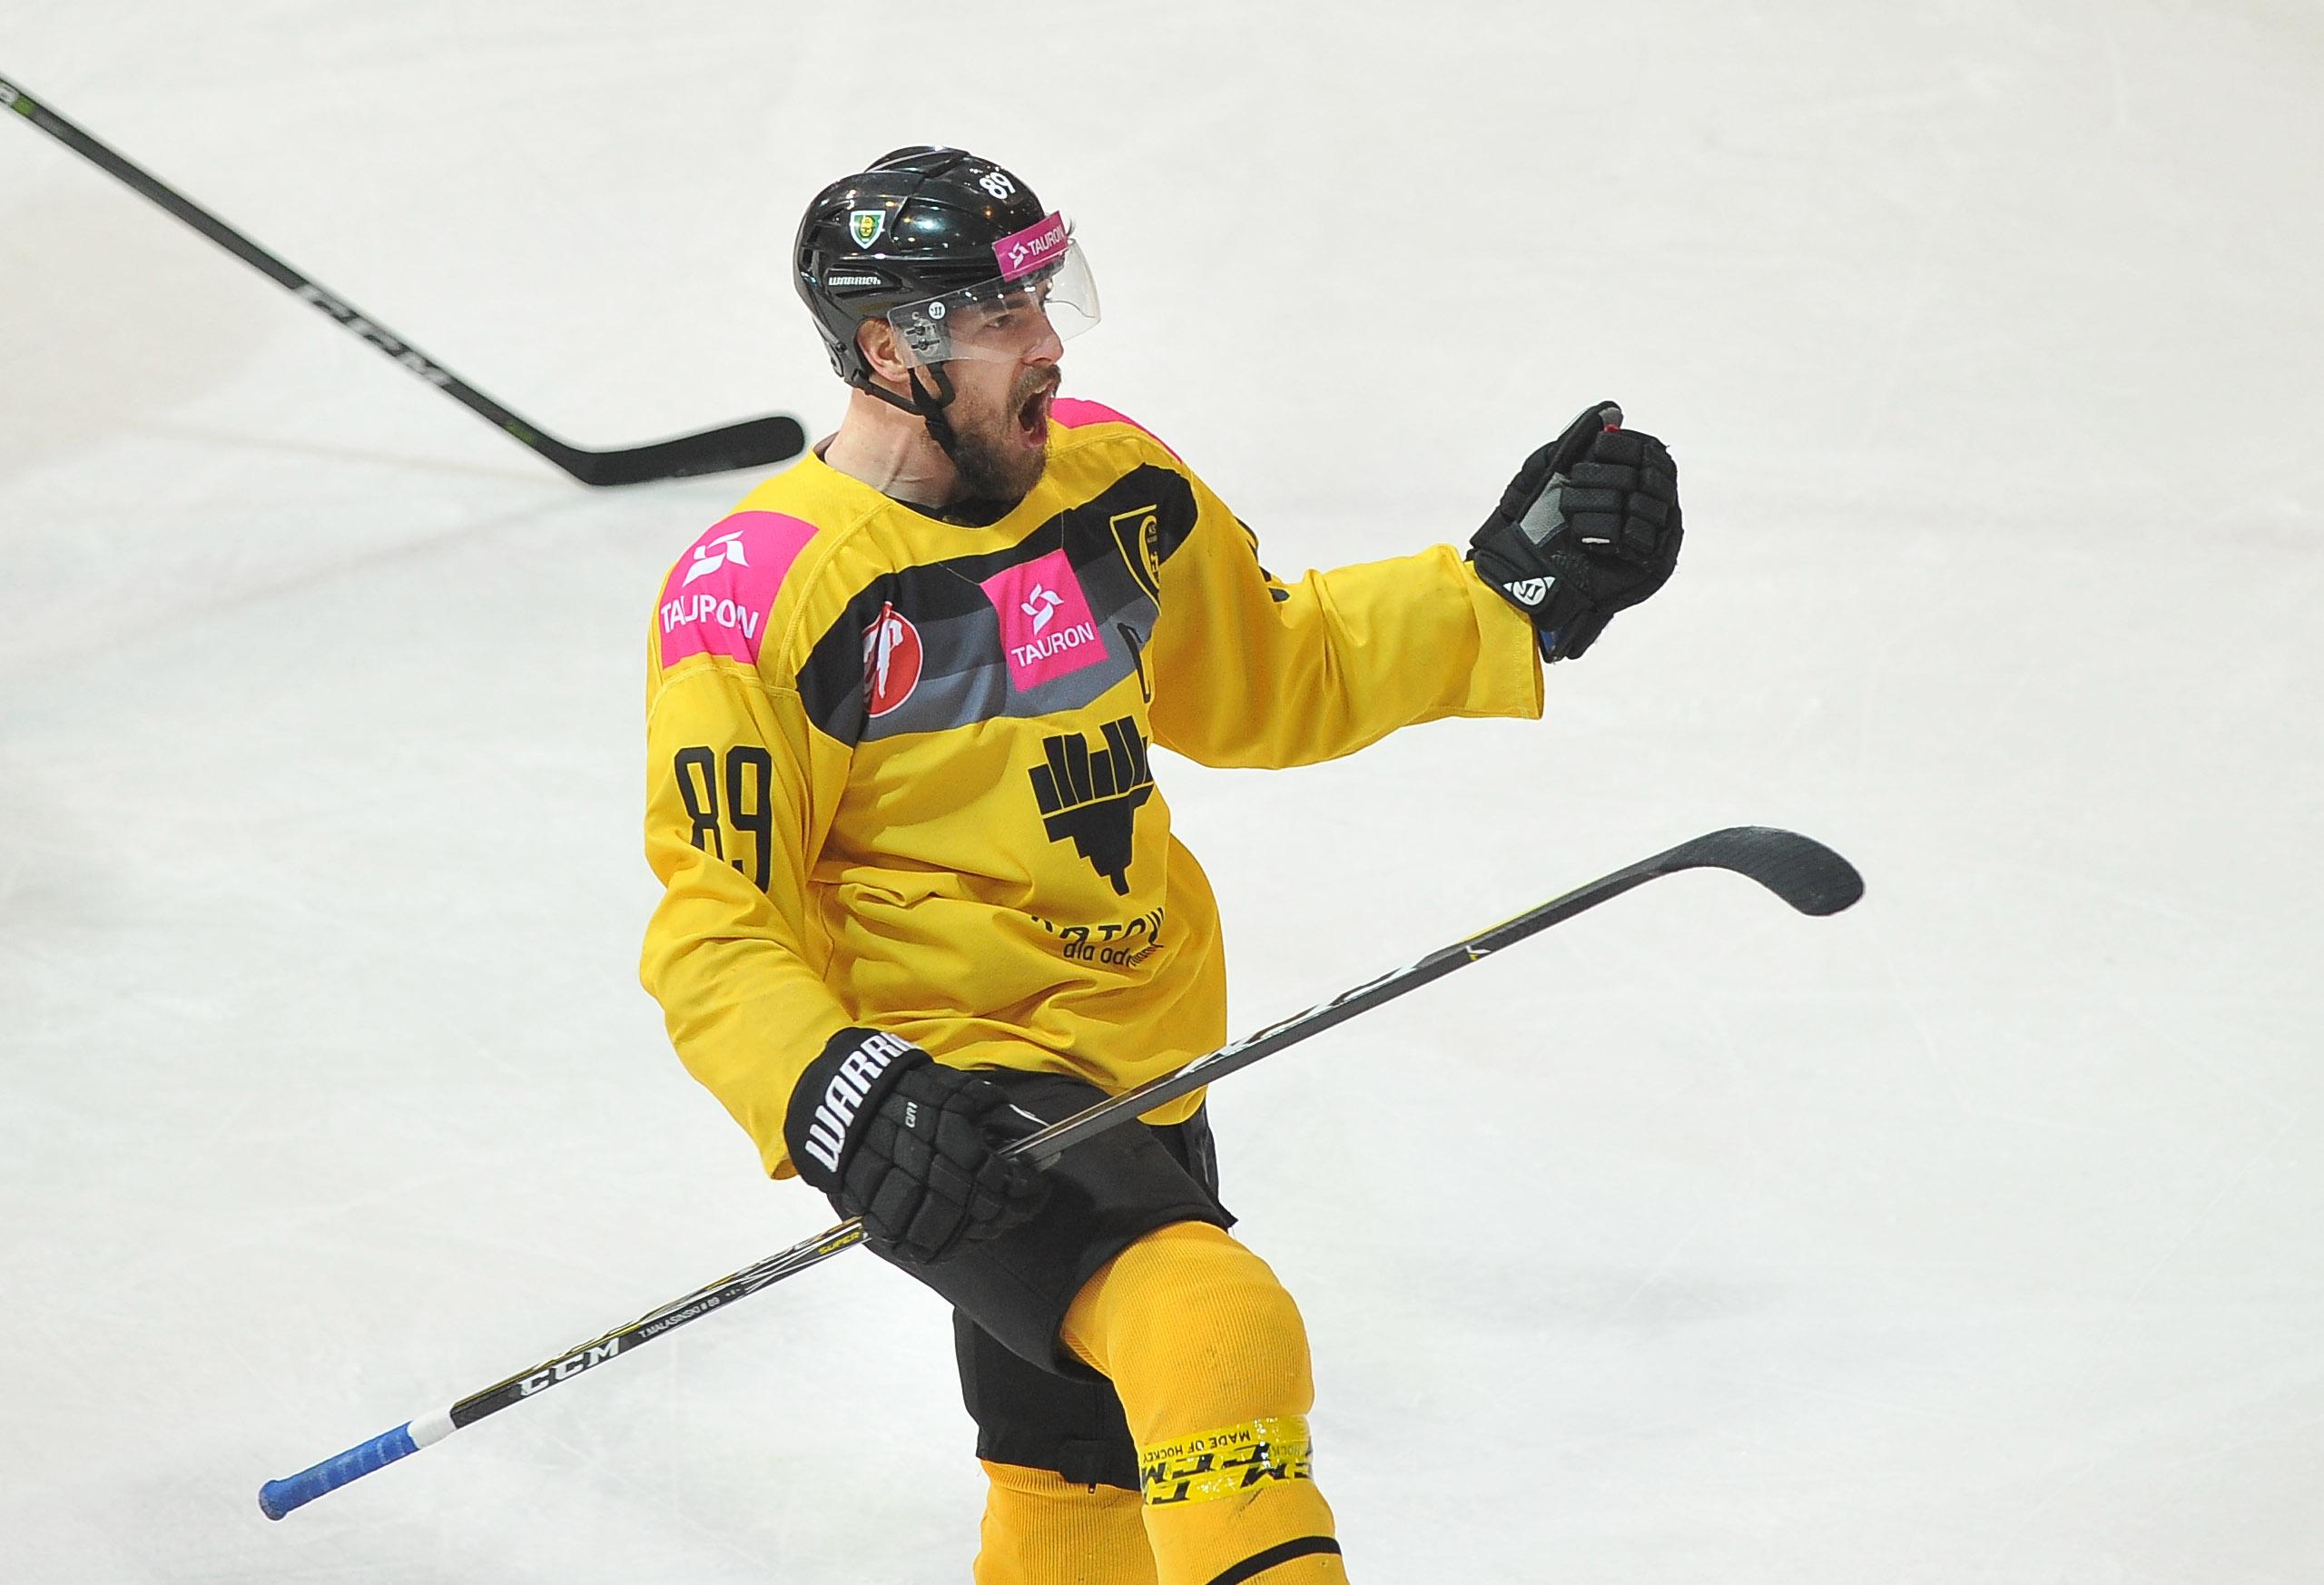 Tomasz Malasiński cieszy się po golu dla Tauron KH GKS Katowice